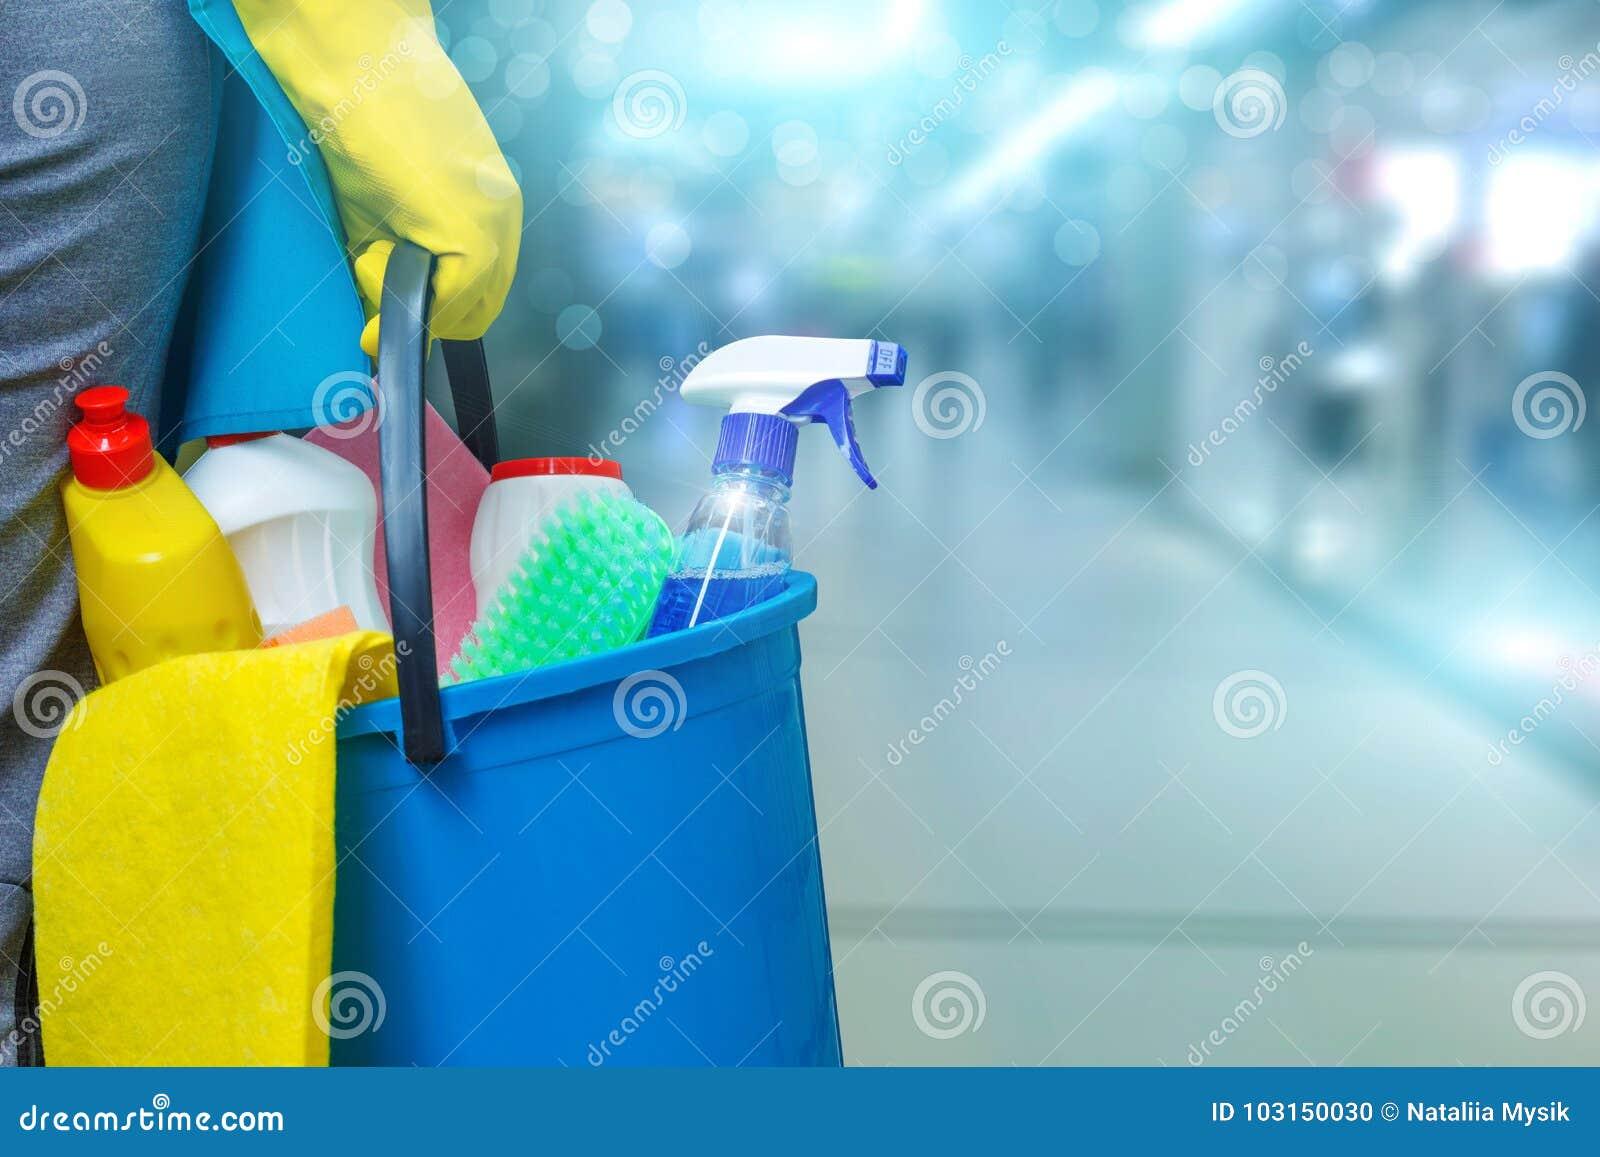 Schoonmaakster met een emmer en schoonmakende producten